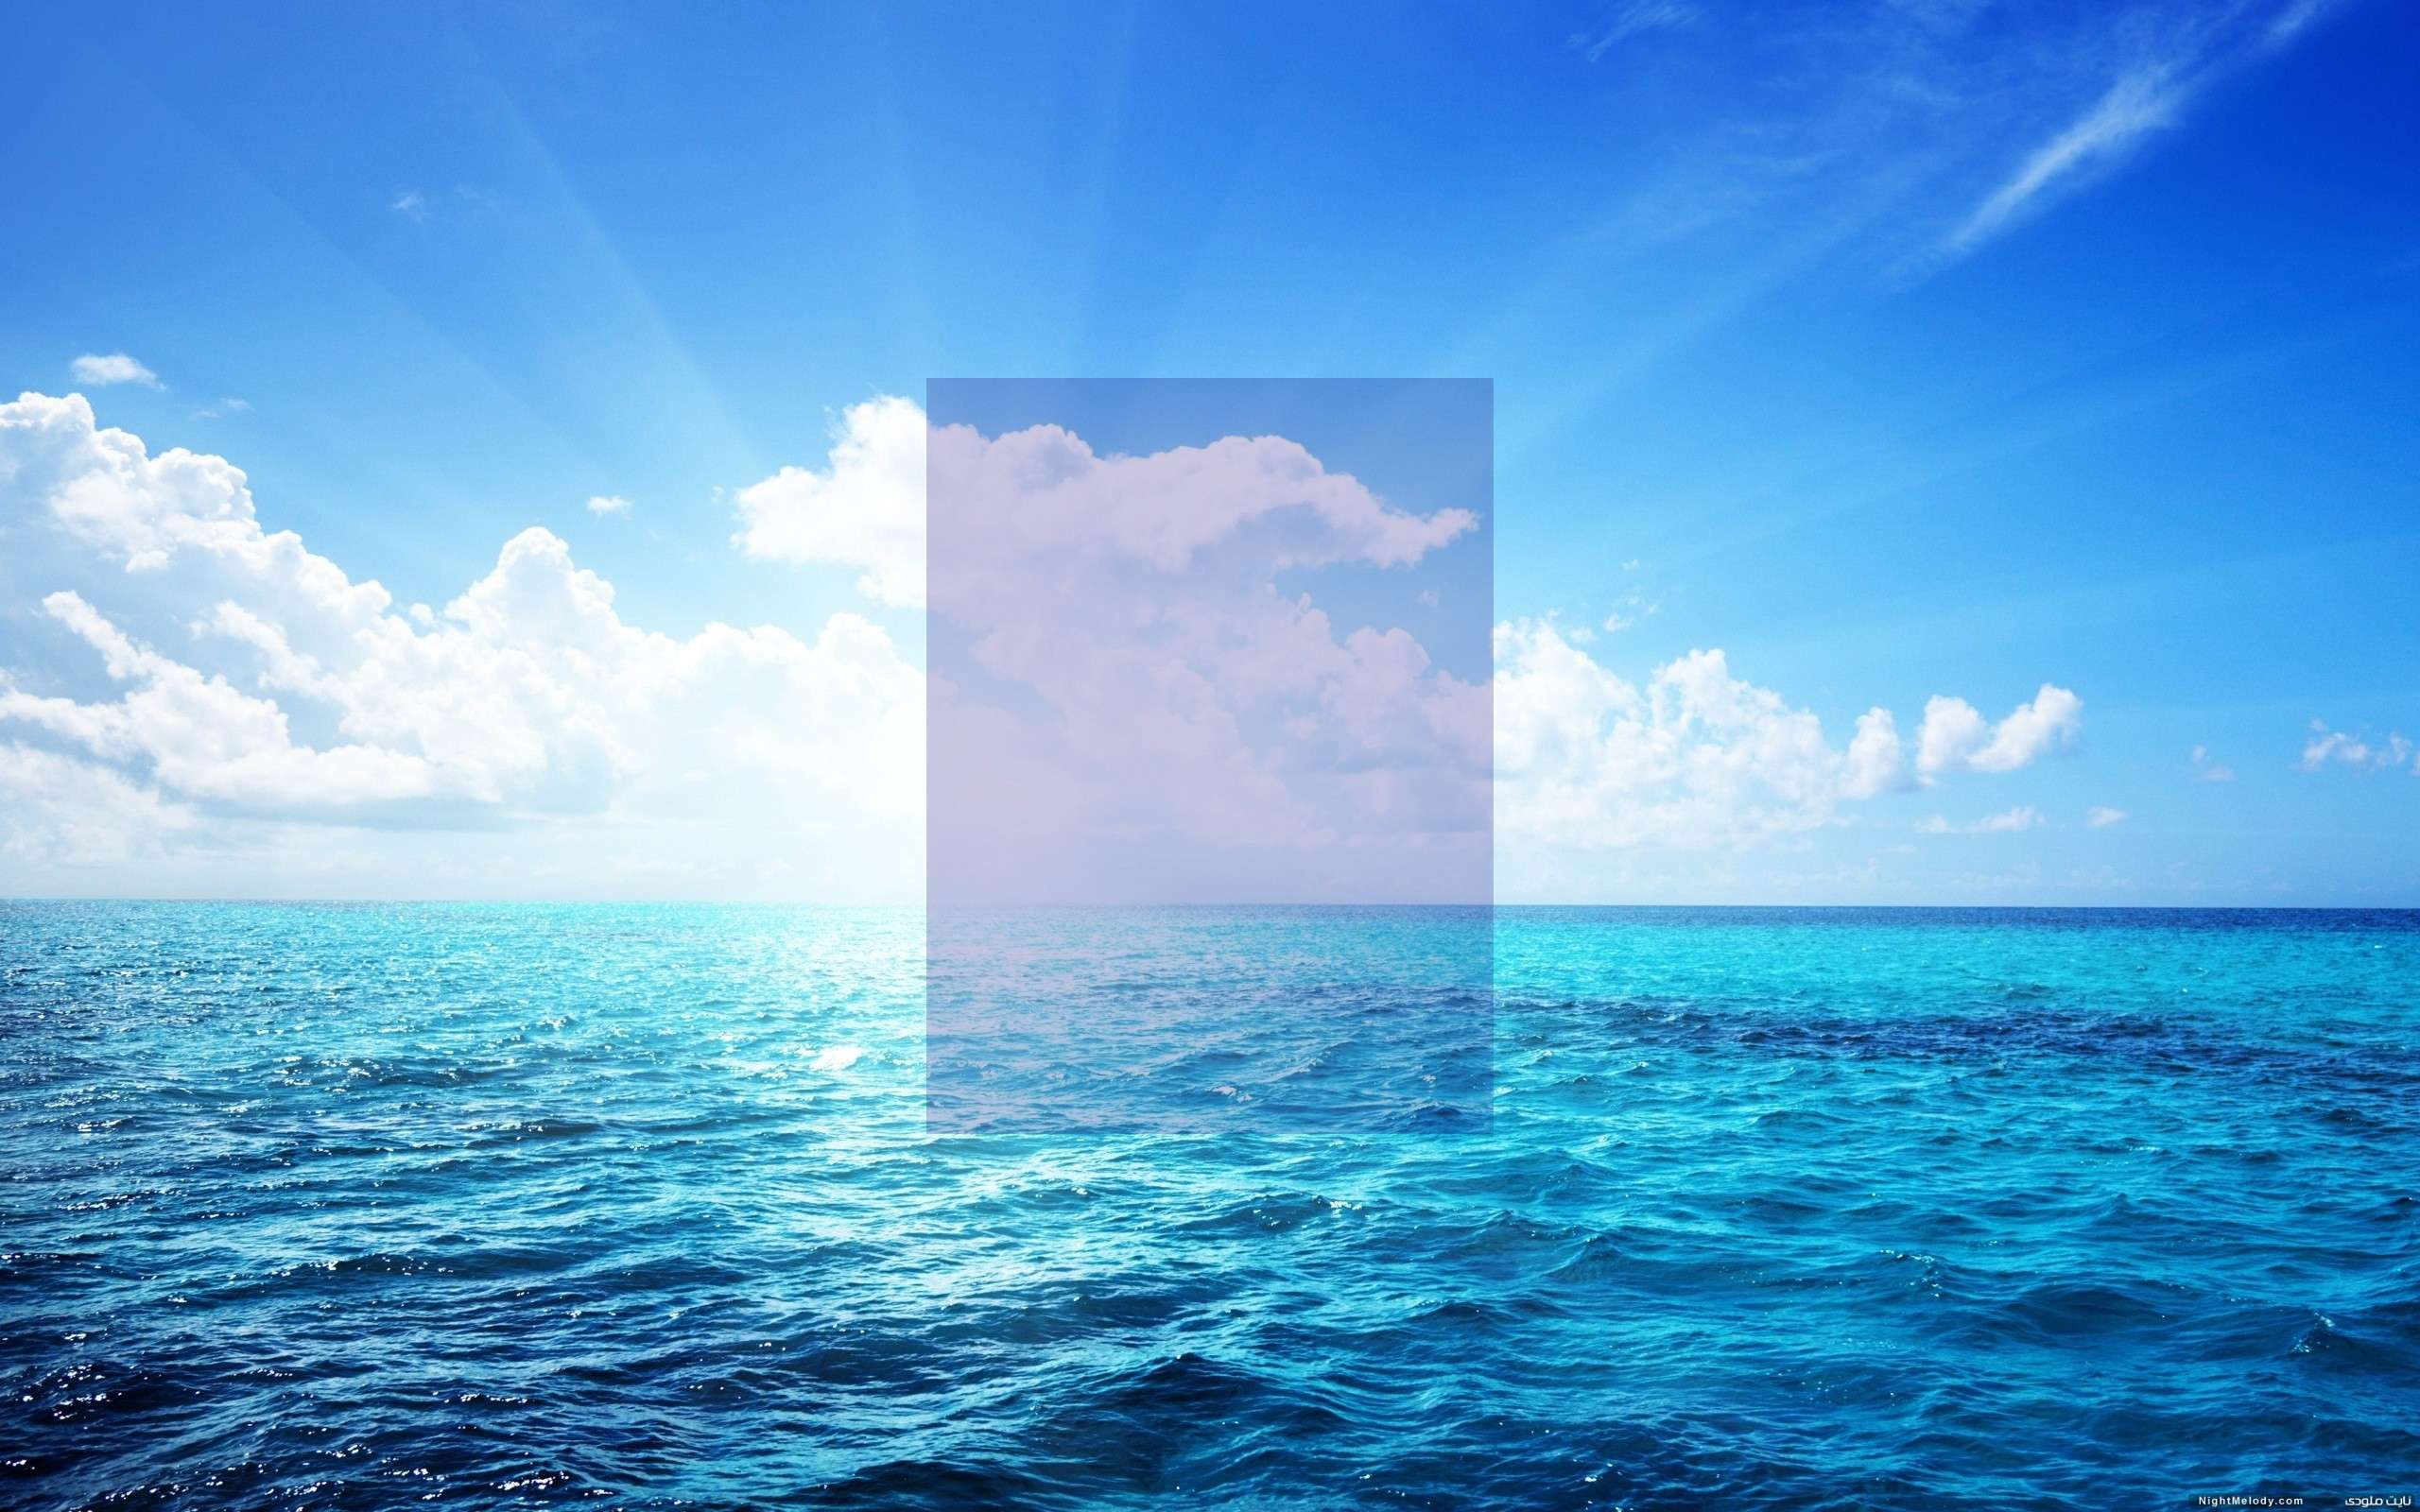 تعبیر خواب دریا , تعبیرخواب دریا , دریا در خواب دیدن